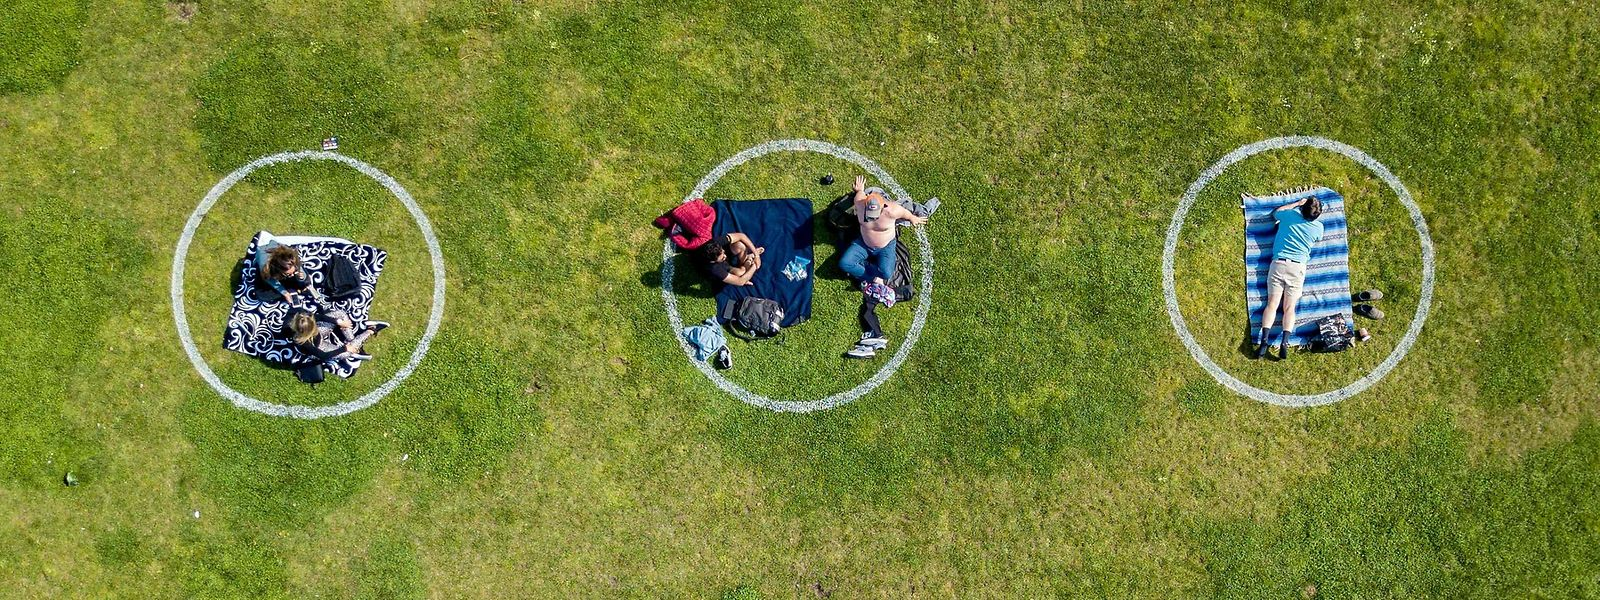 Corona-Krise macht es möglich! Im Dolores Park in San Francisco dürfen Parkbesucher nur in den eingezeichneten Flächen verweilen.